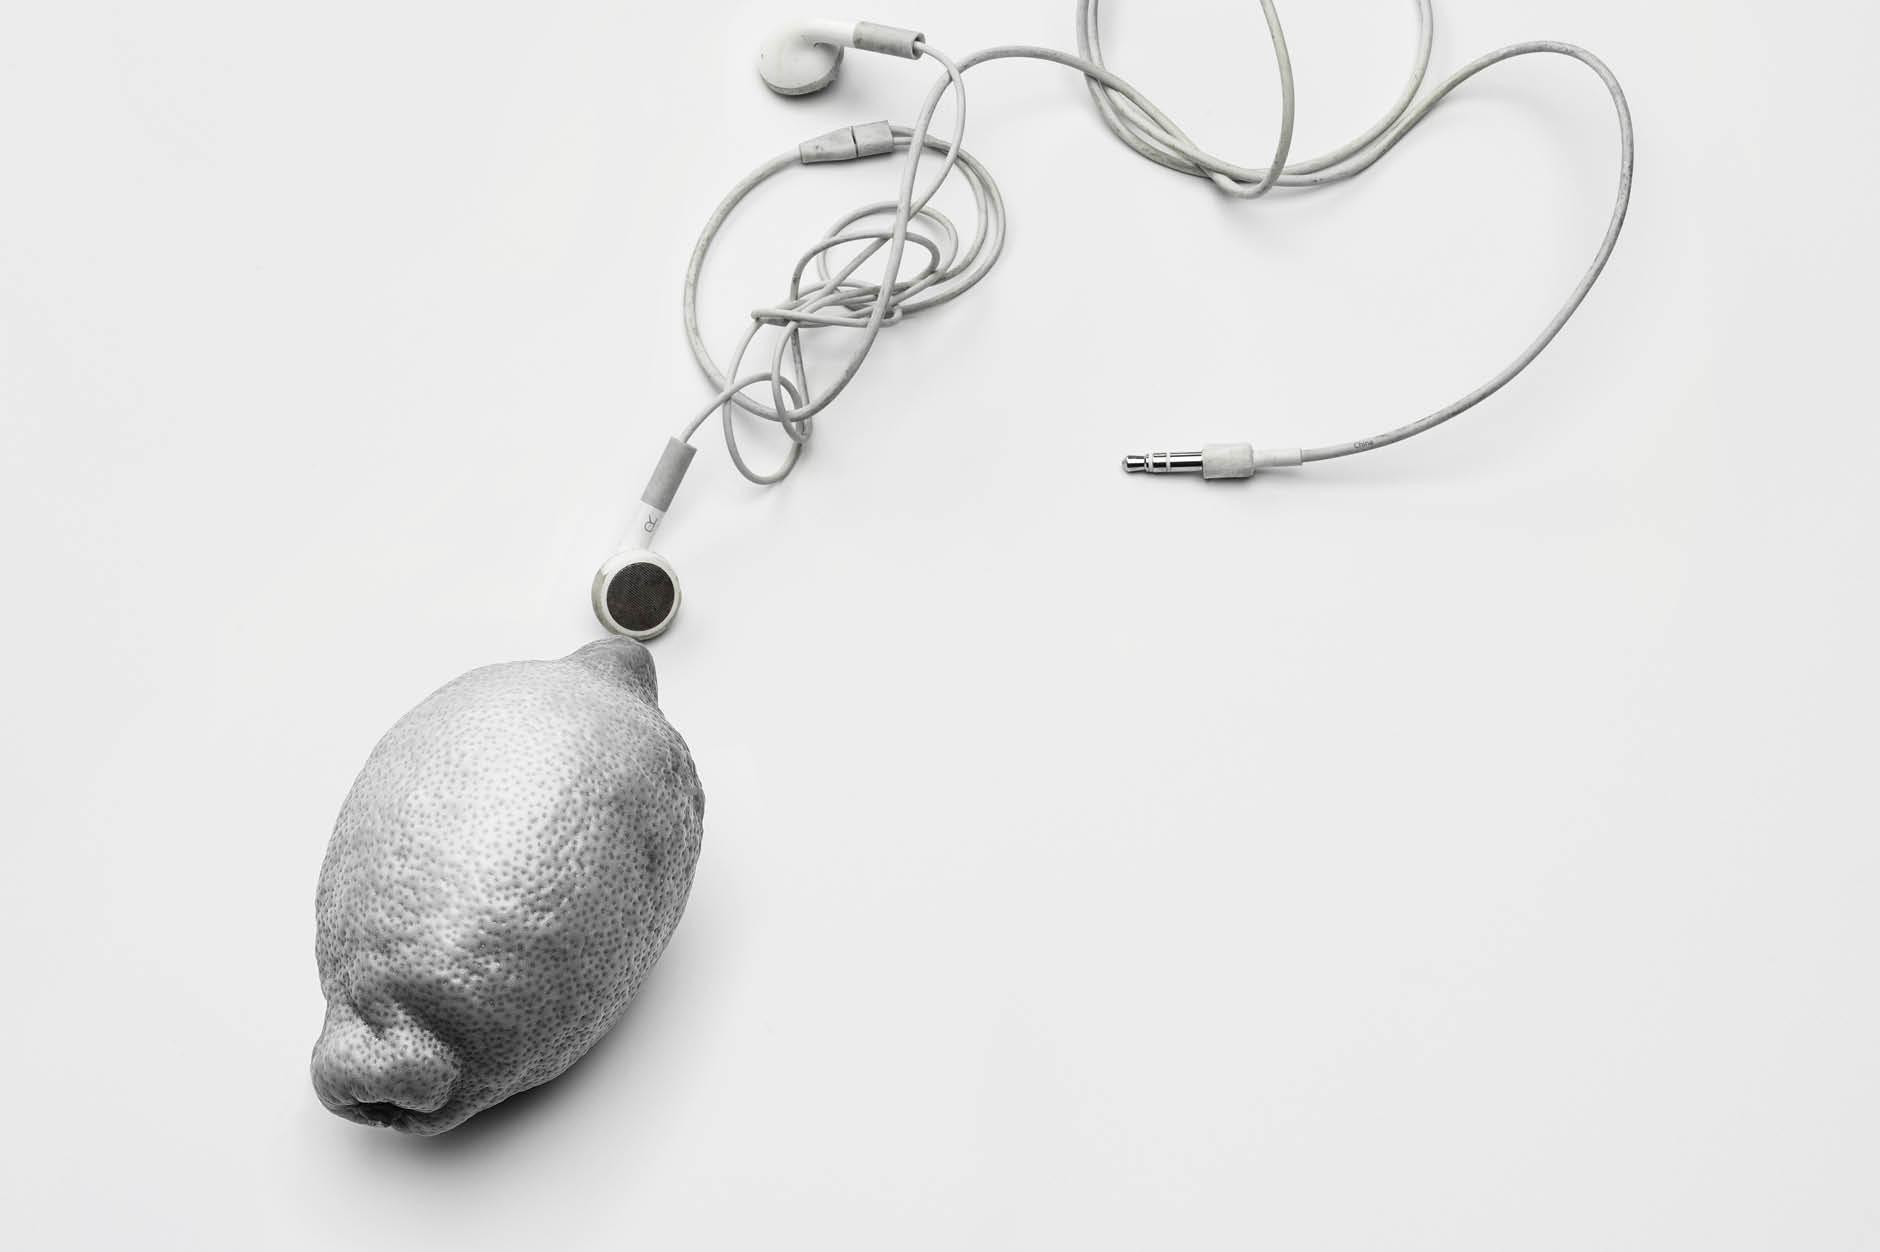 PHZ Zitrone Kopfhörer